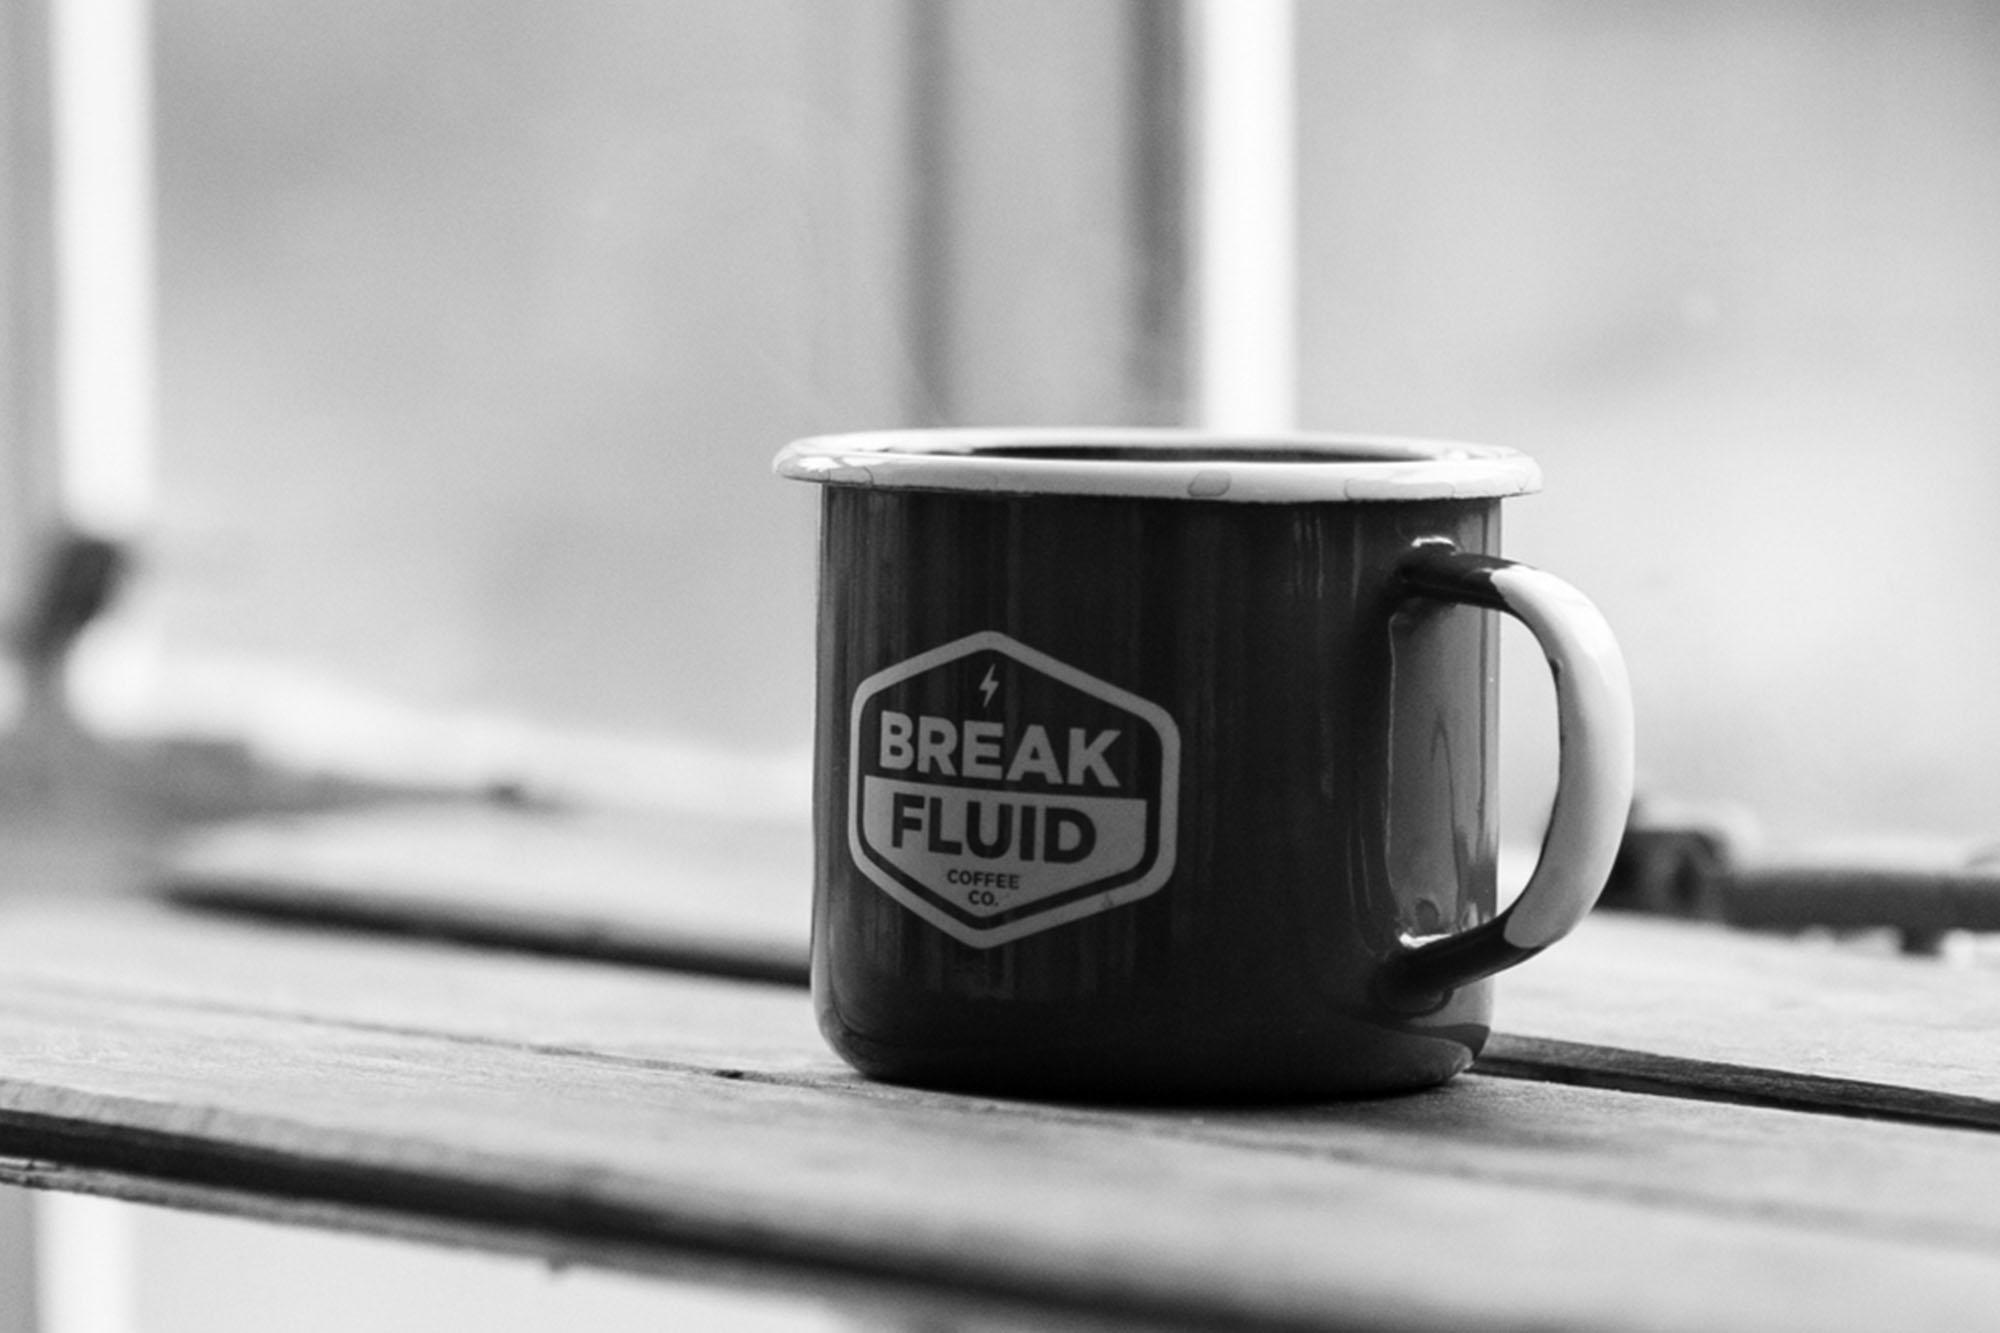 Break Fluid Coffee